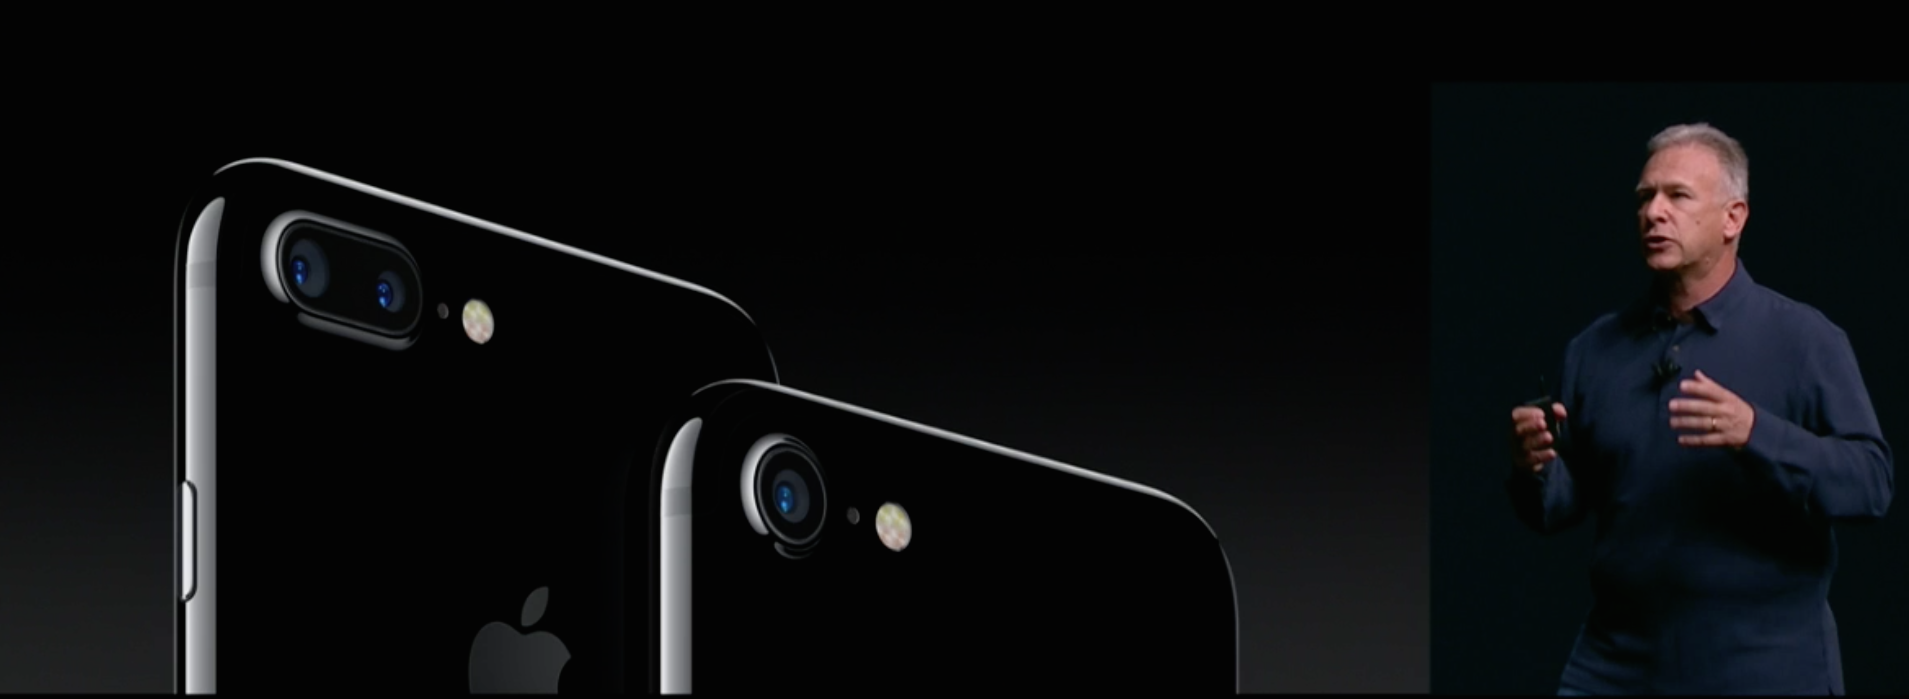 iphone 7 et iPhone 7 plus